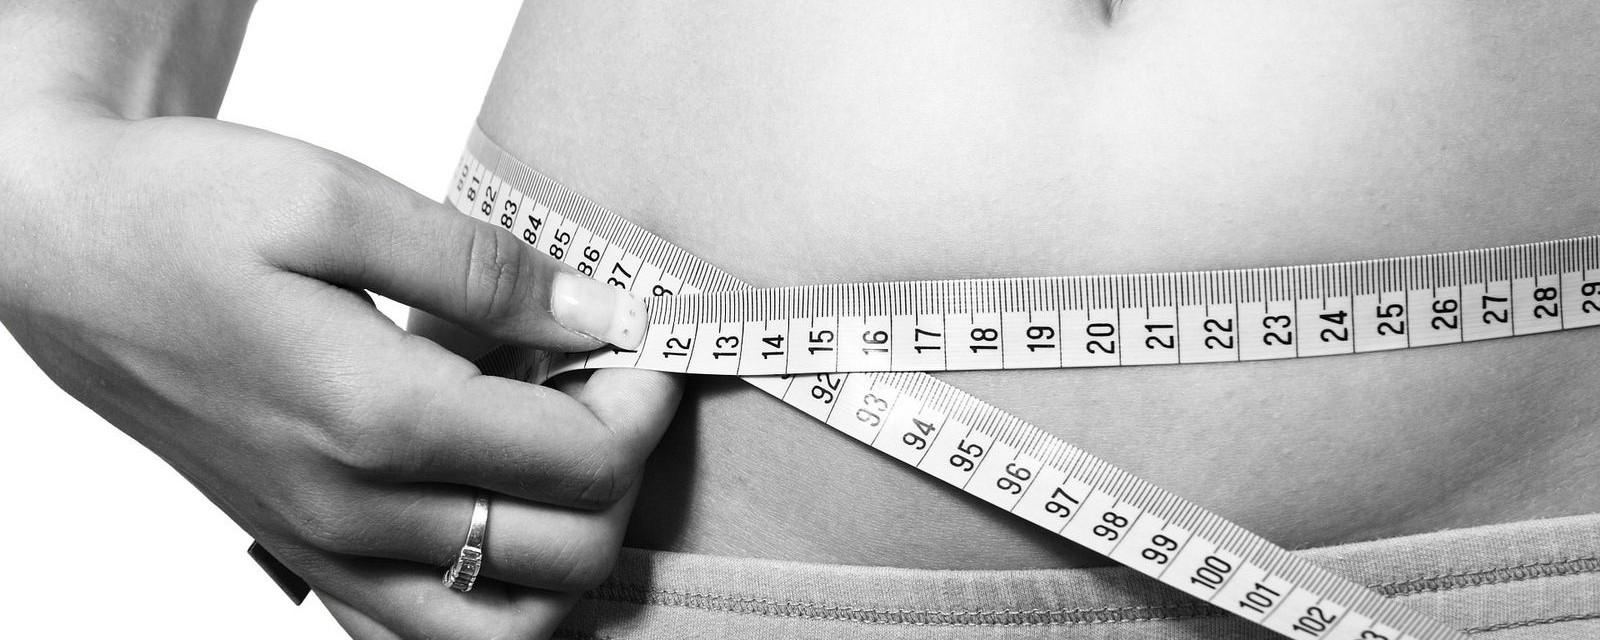 om obez care încearcă să slăbească pierderea în greutate a pârâului de gâscă